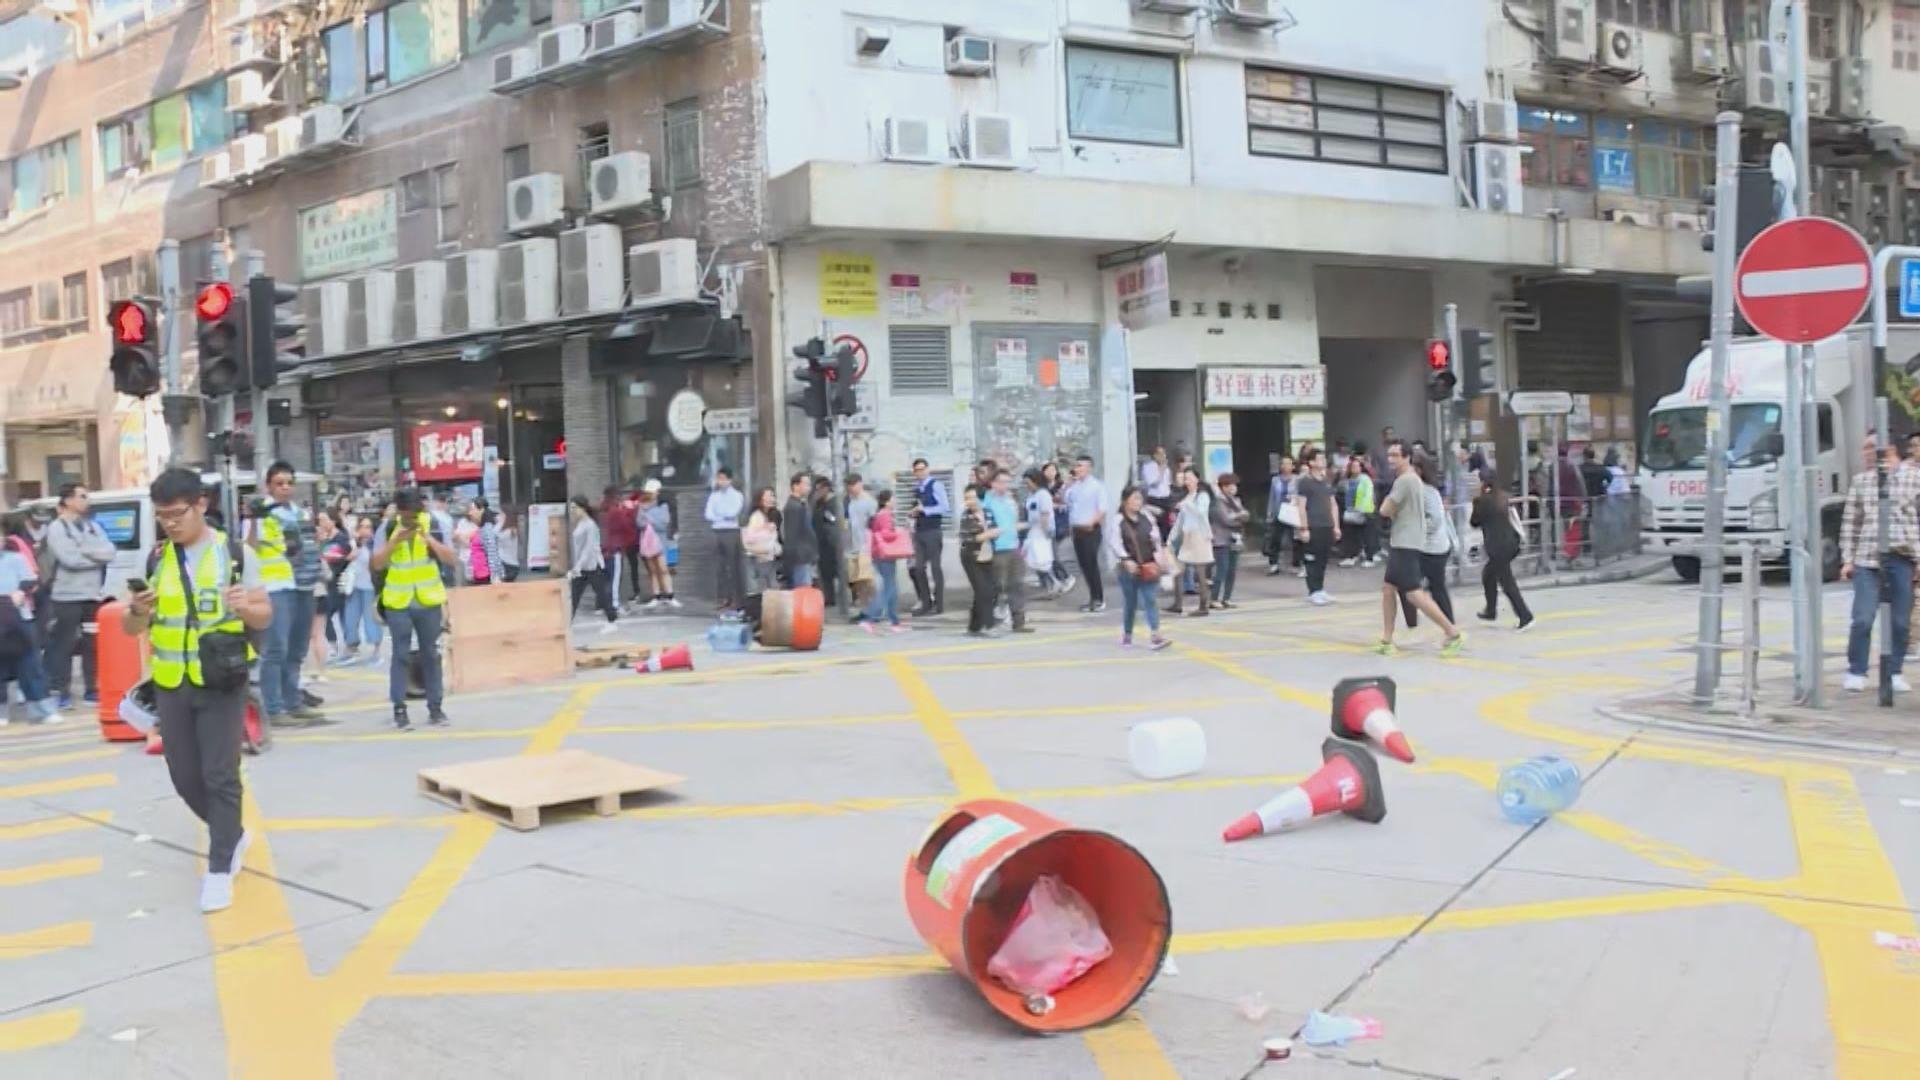 有網民發起觀塘快閃遊行 示威者以雜物堵路